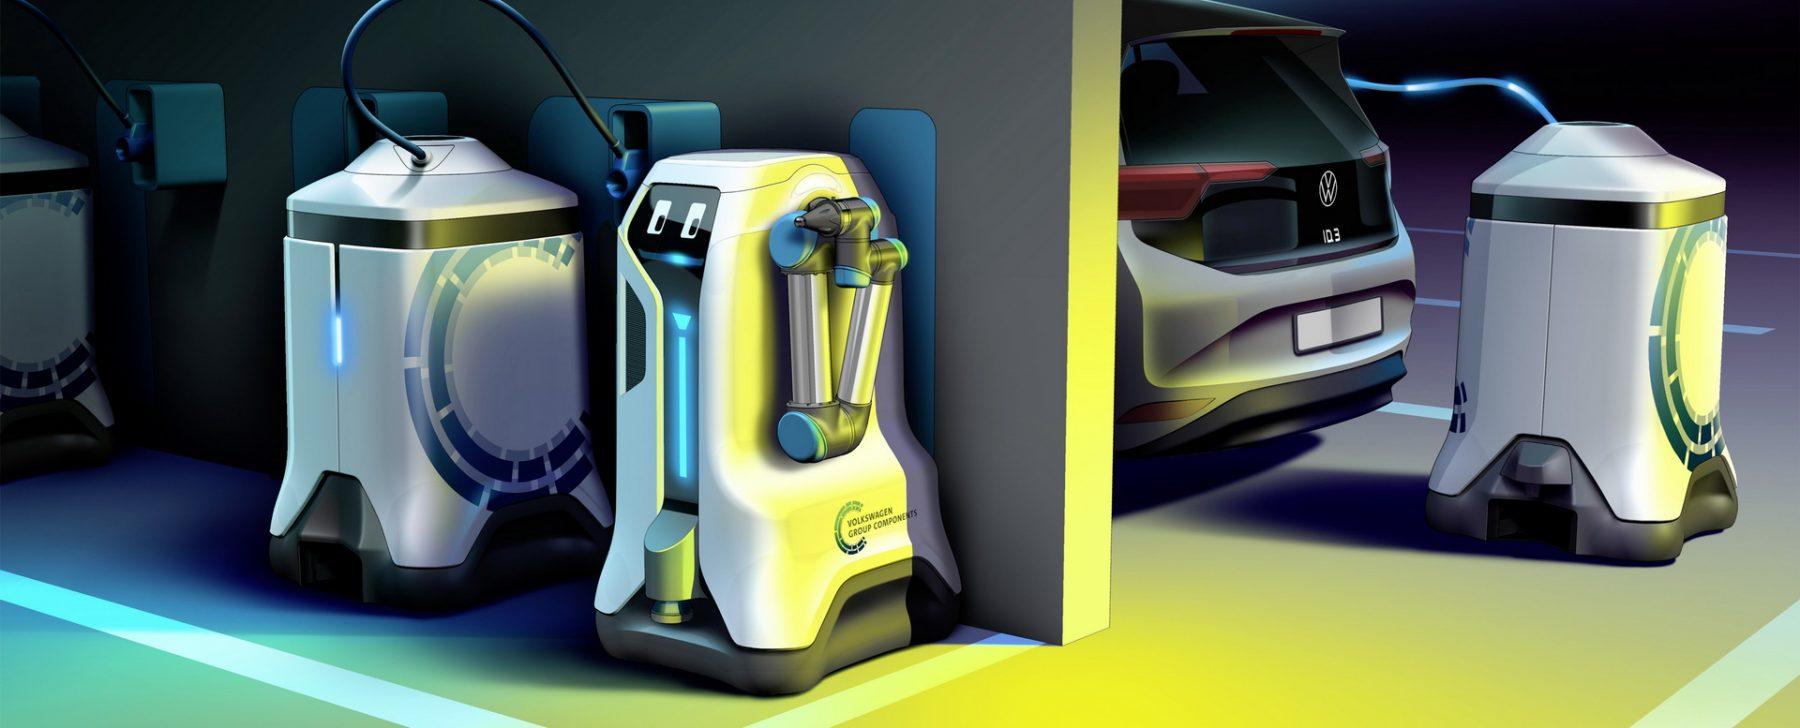 robots para cargar coches eléctricos